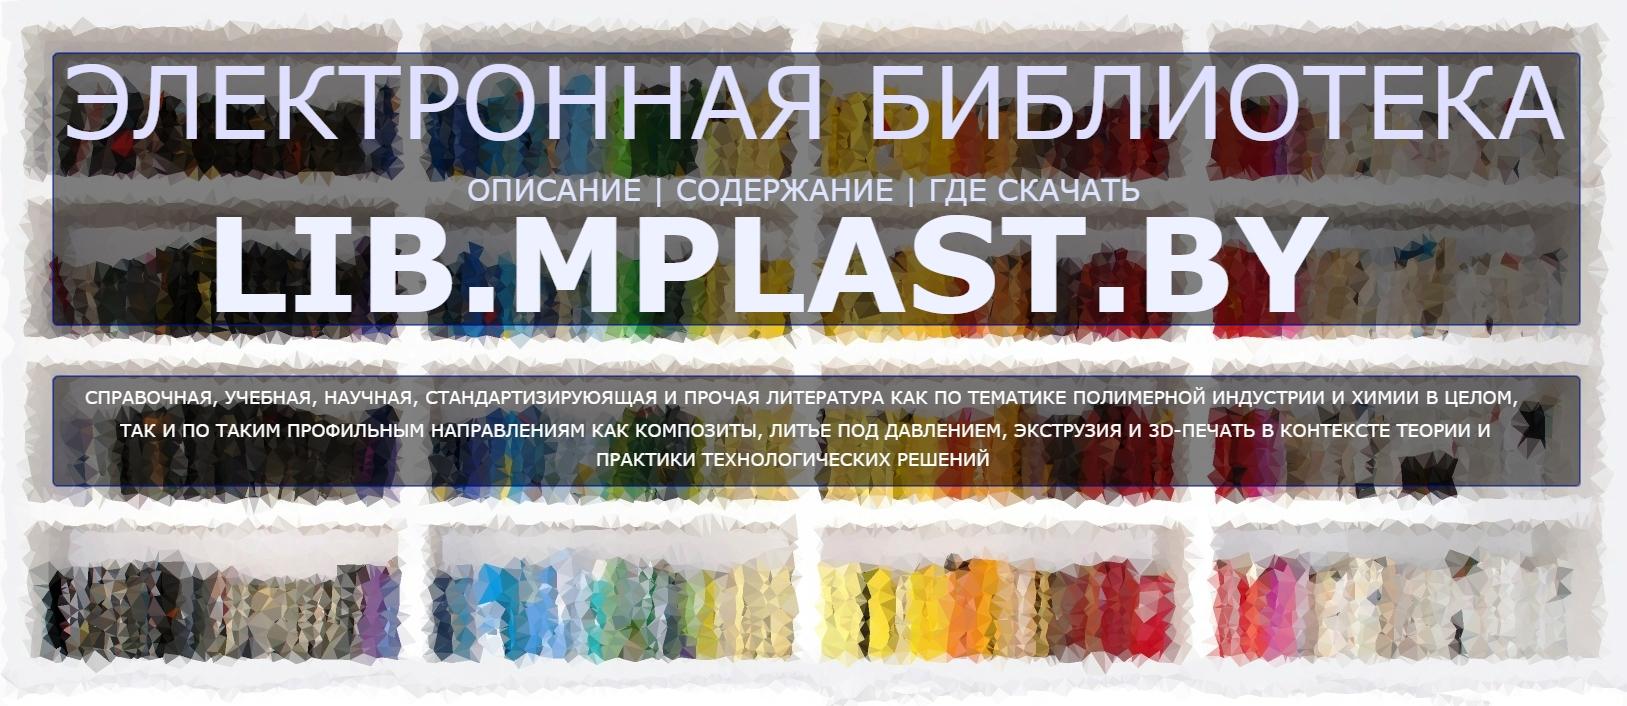 электронная библиотека lib.mplast.by: описание, содержание и где скачать книги по теме полимеры, химия, 3д-печать и не только